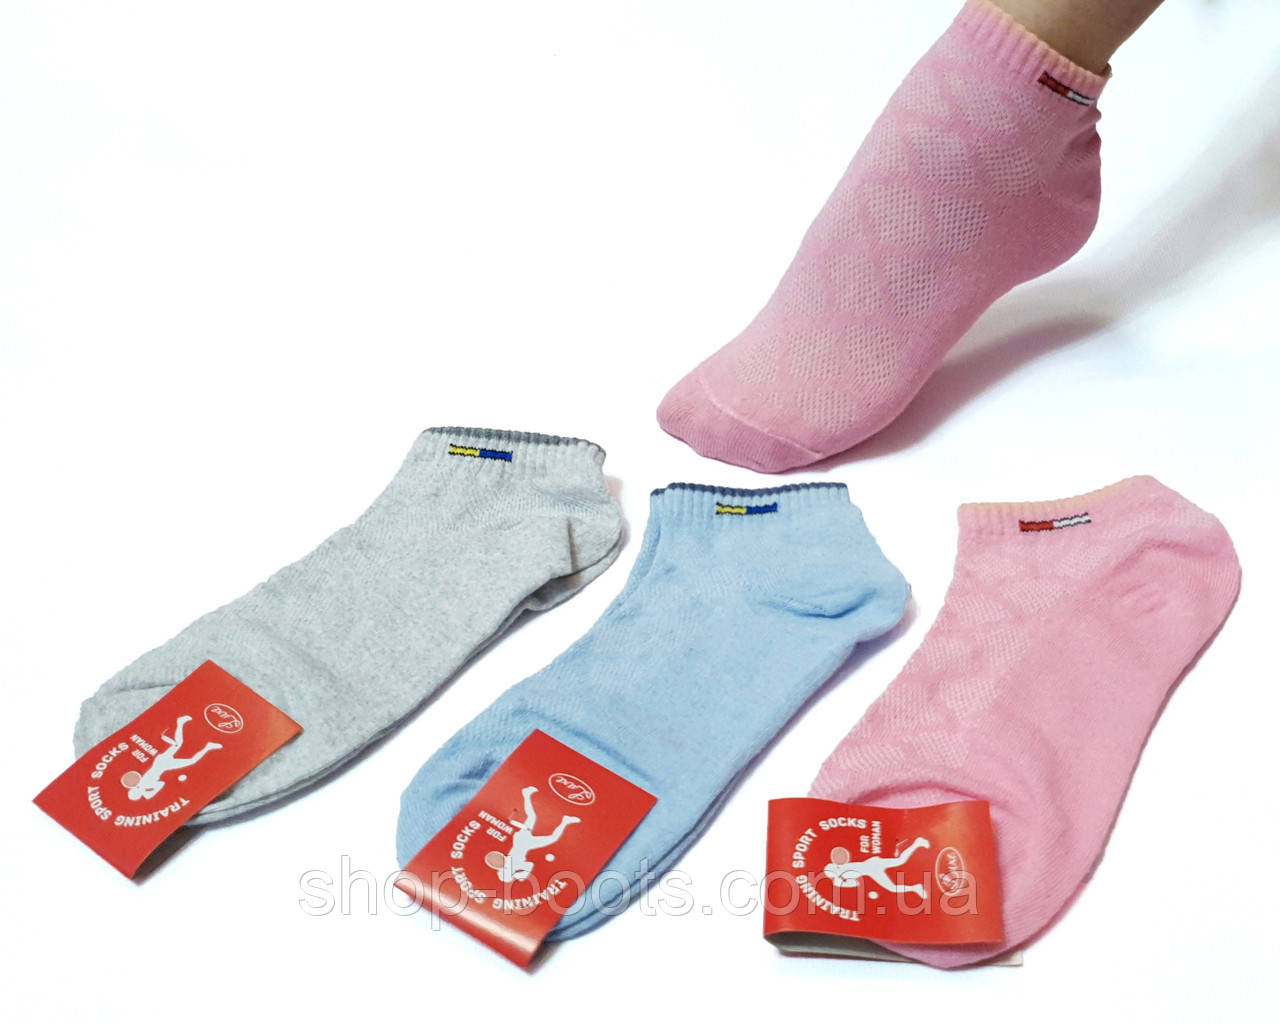 Жіночі короткі шкарпетки сіточка оптом. 36-40рр.